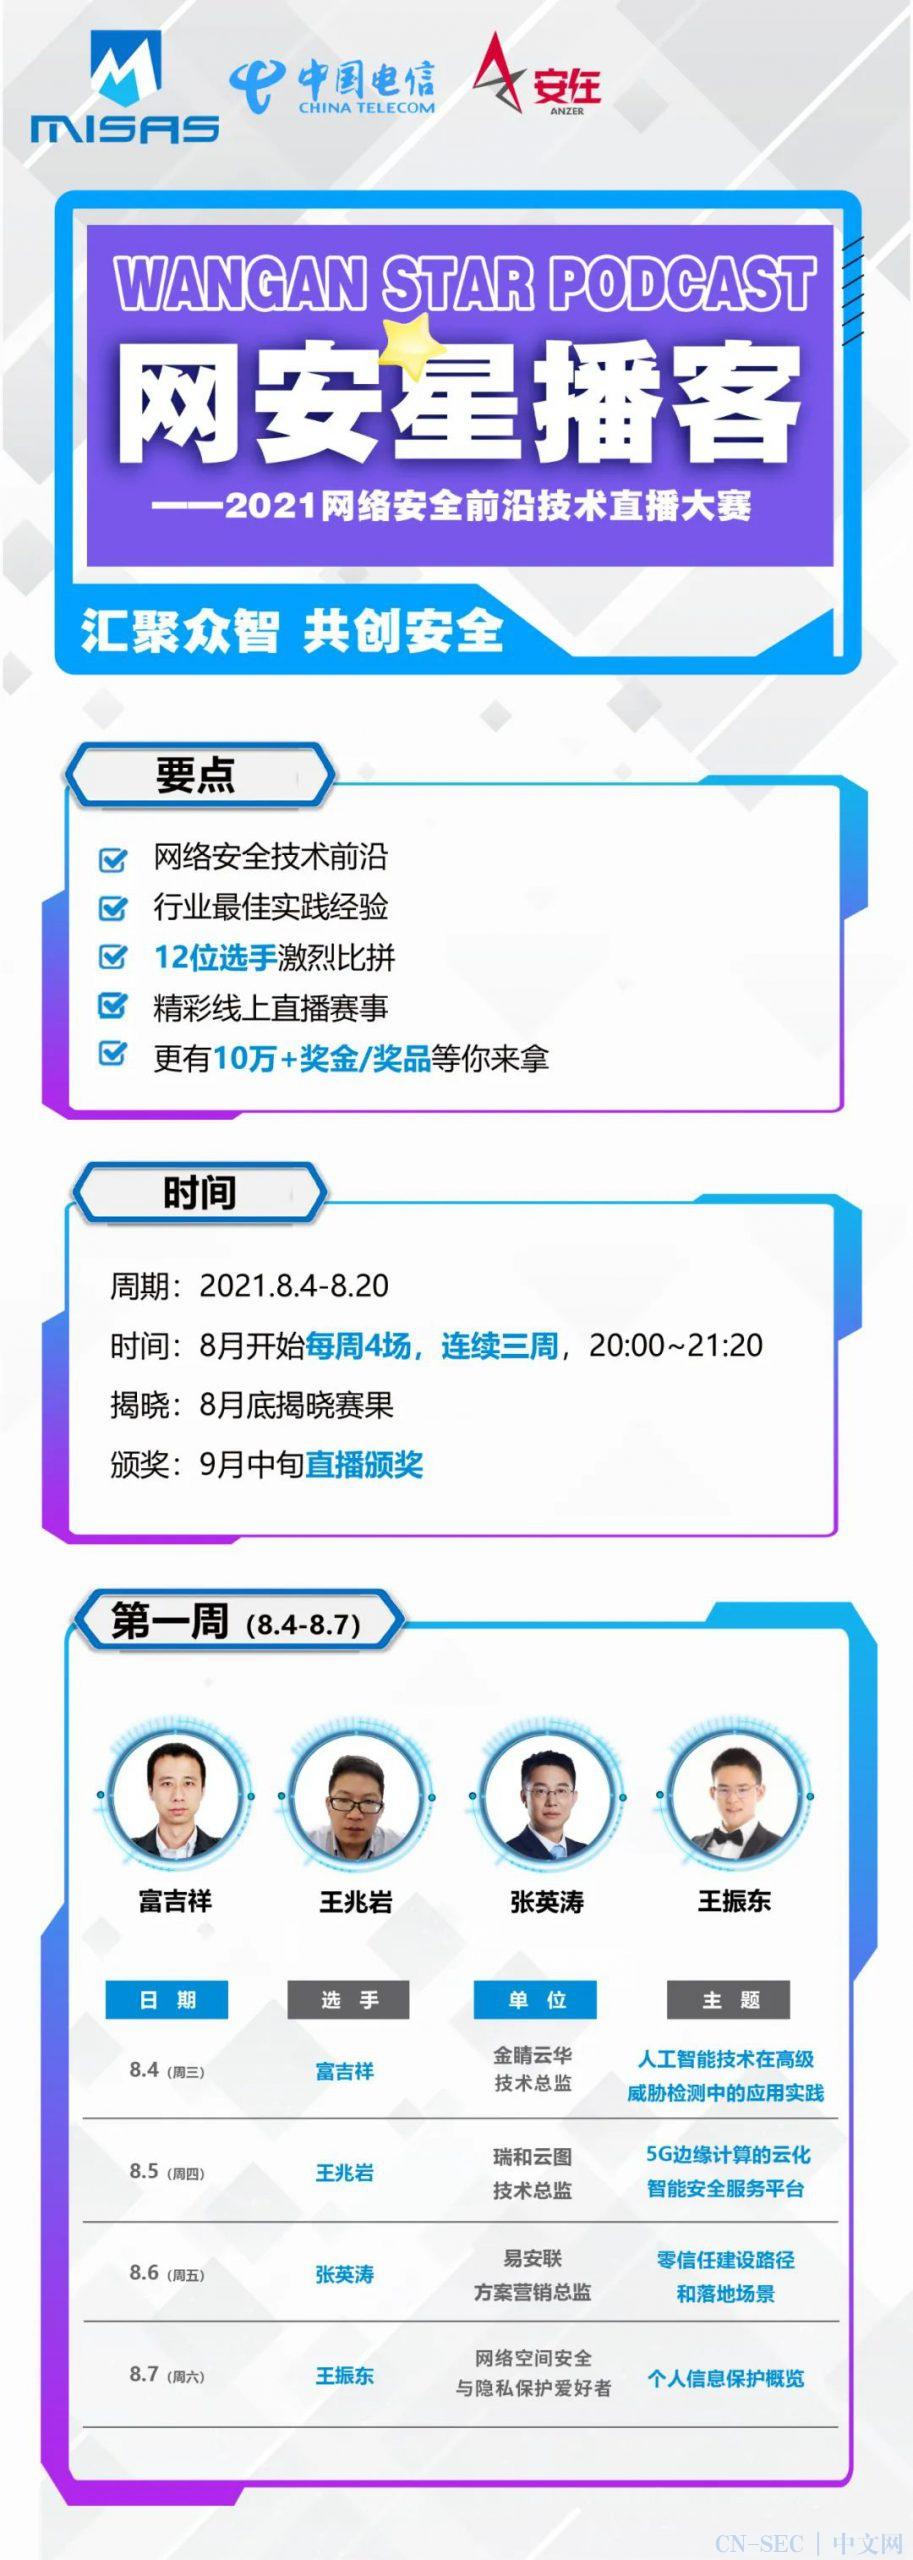 网安星播客 | 武鑫:蓝队视角下的安全产品自身安全之道